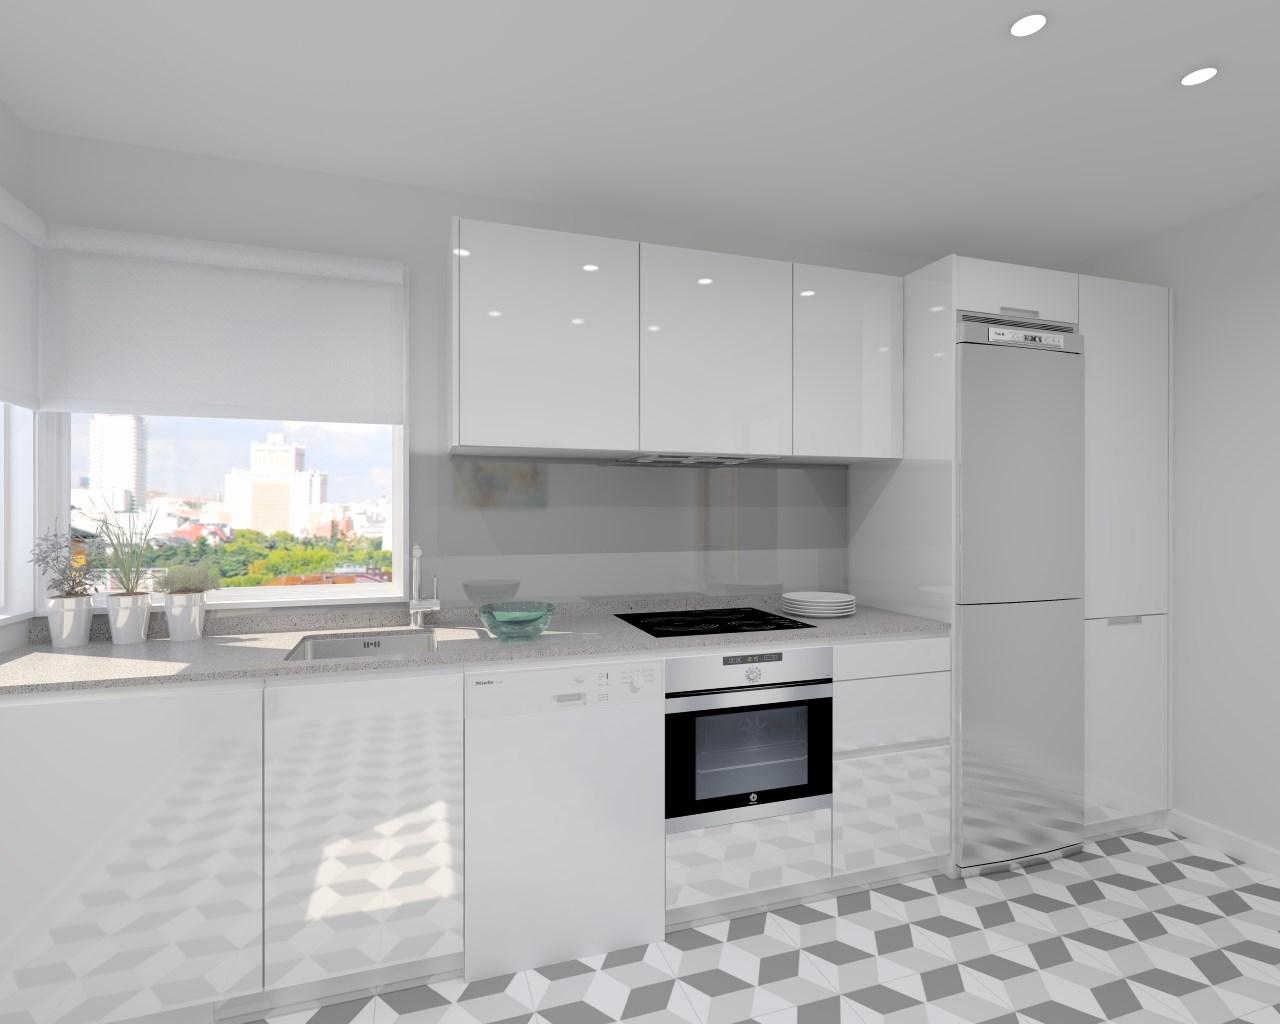 Cocina santos modelo line laminado blanco brillo encimera - Cocina blanca y gris ...